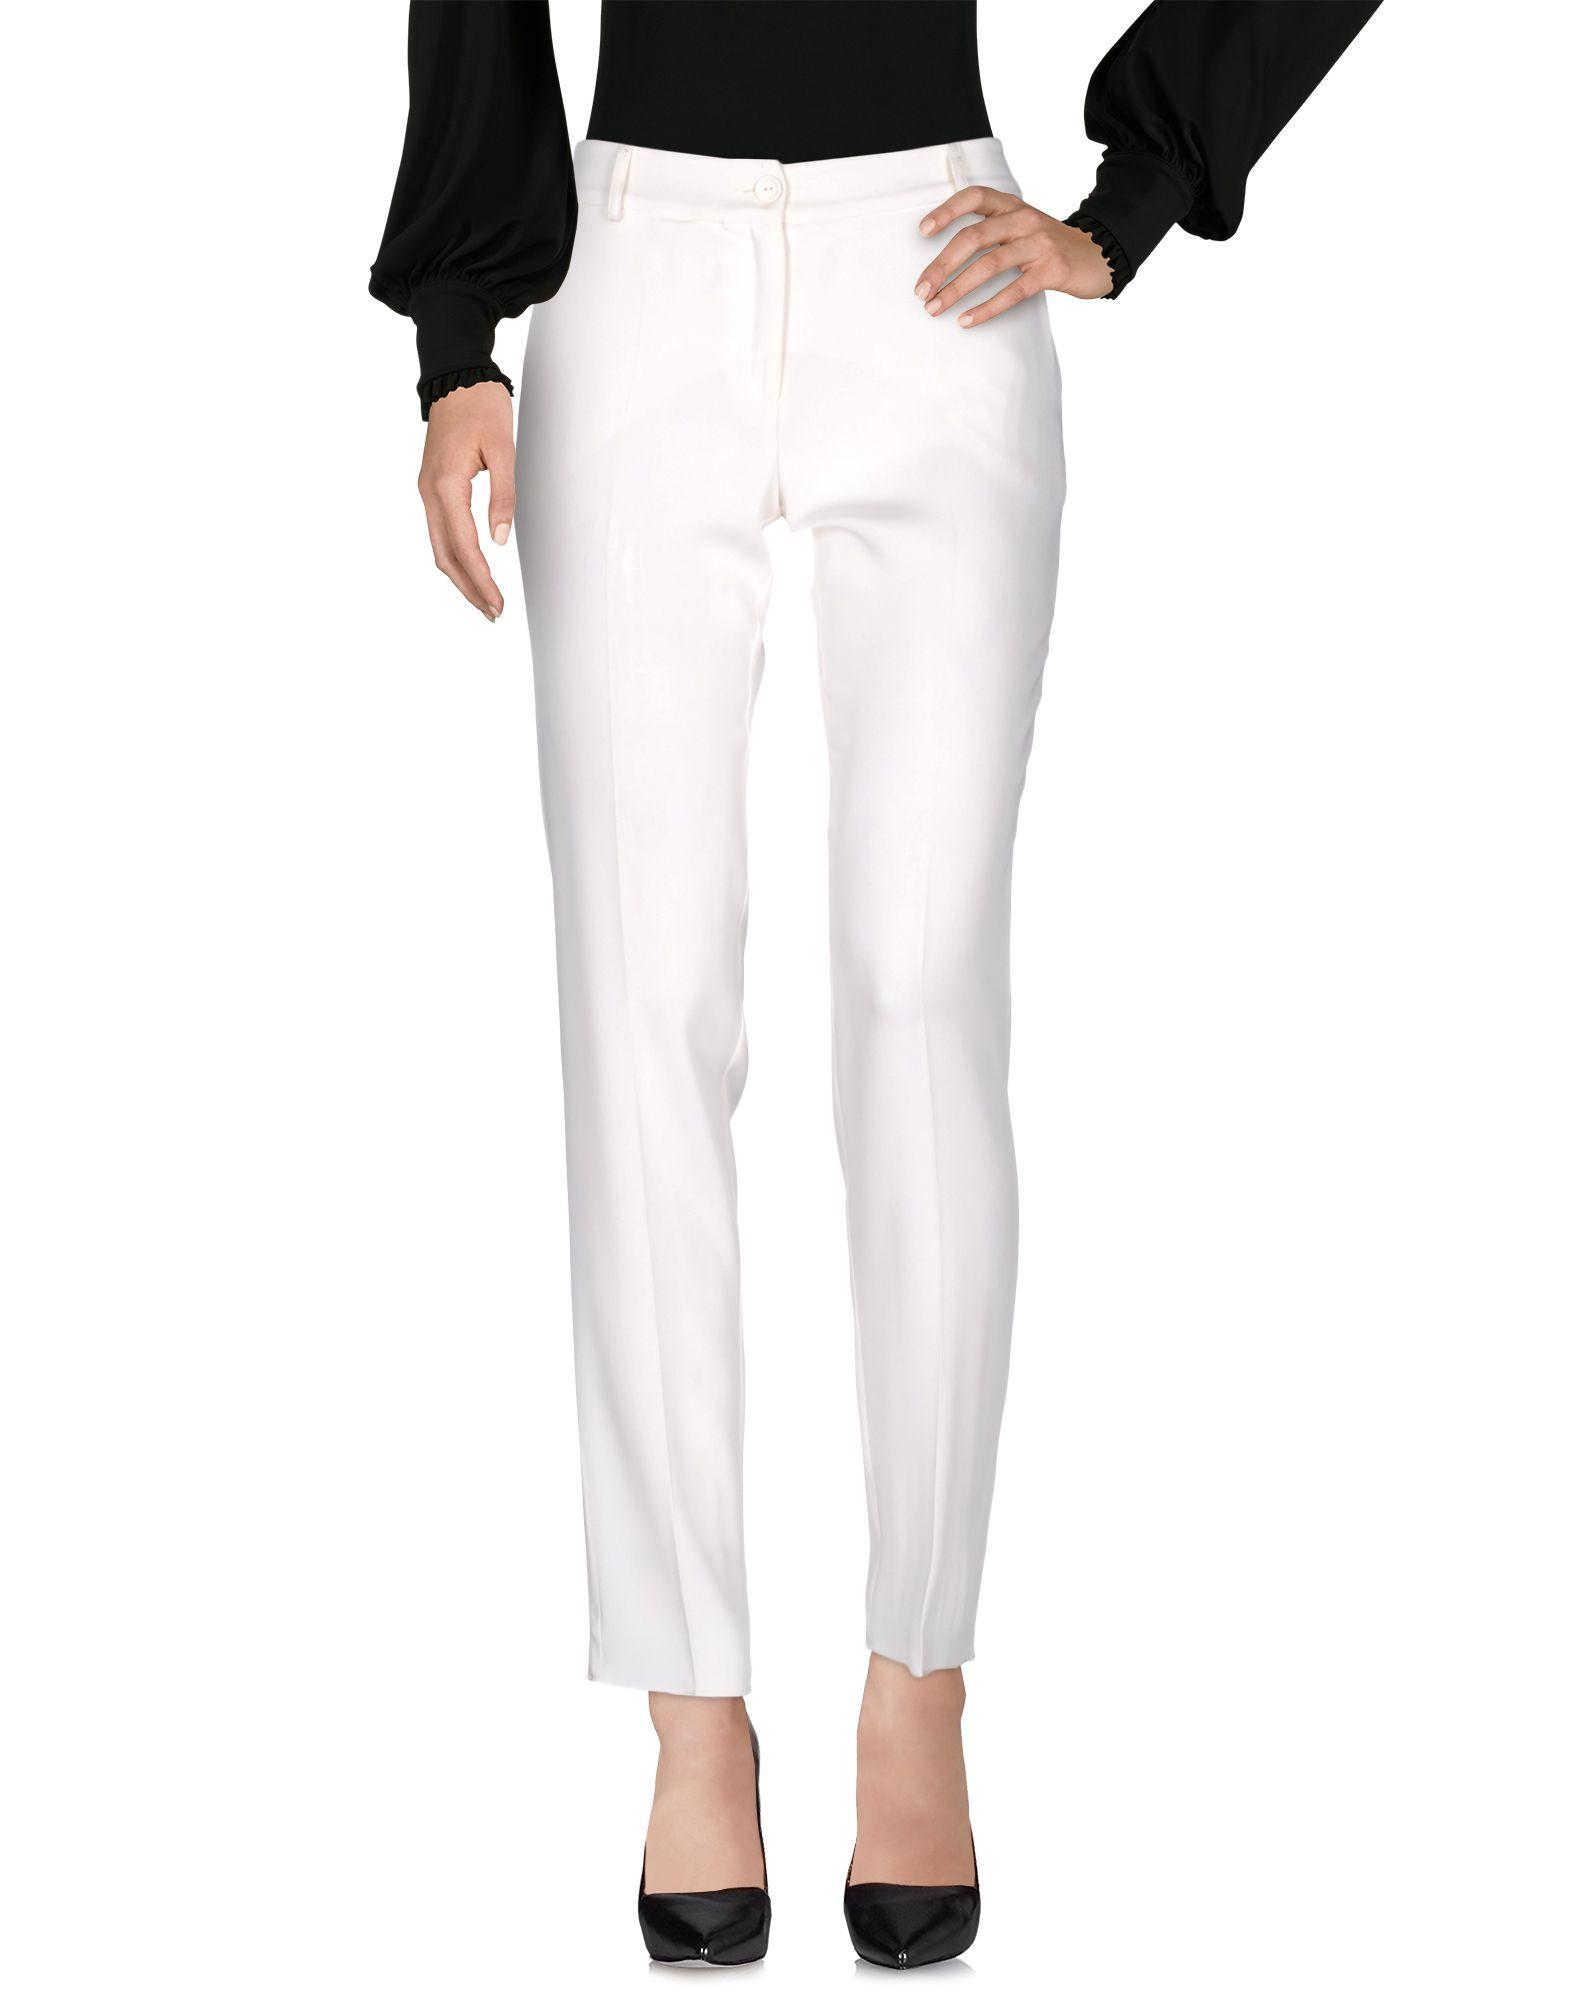 Pantalone blumarine donna donna donna - 36847699GM acf